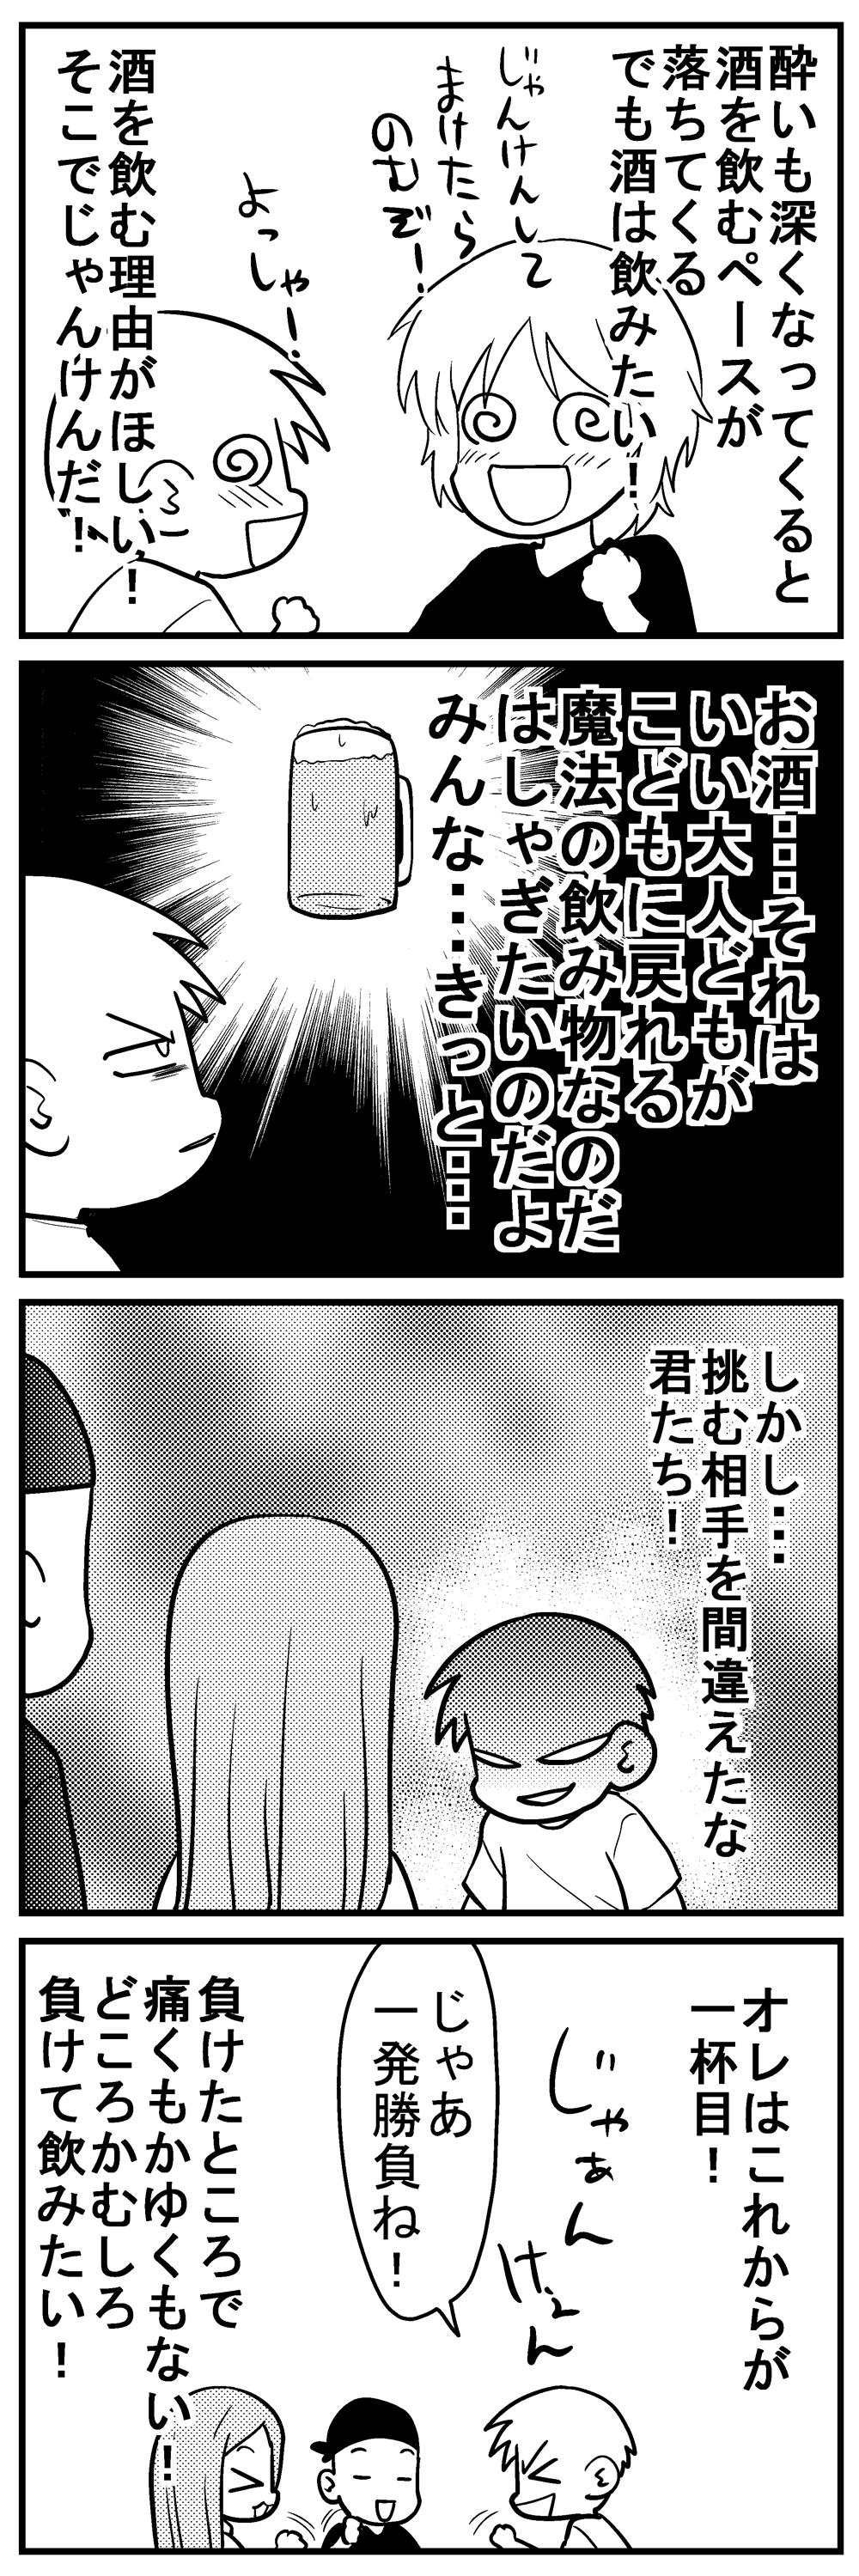 深読みくん57-3